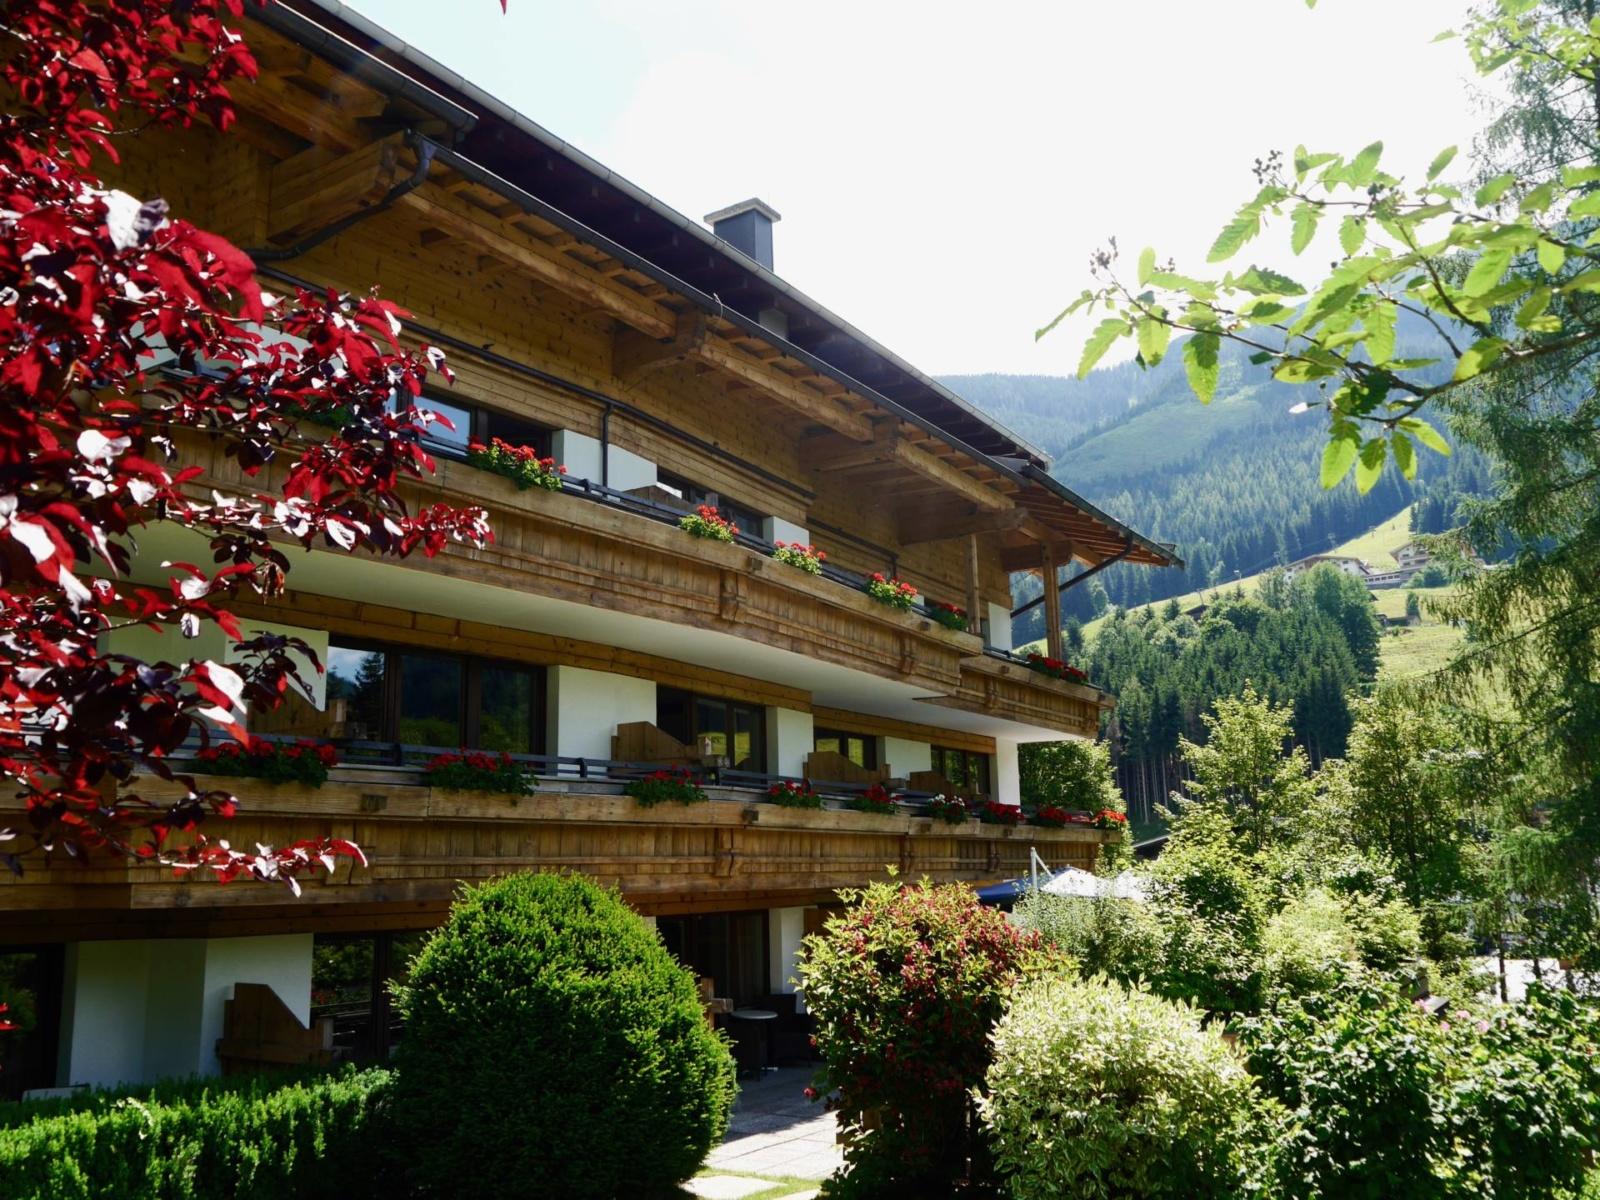 An Eco-Friendly Spa Break in the Austrian Alps